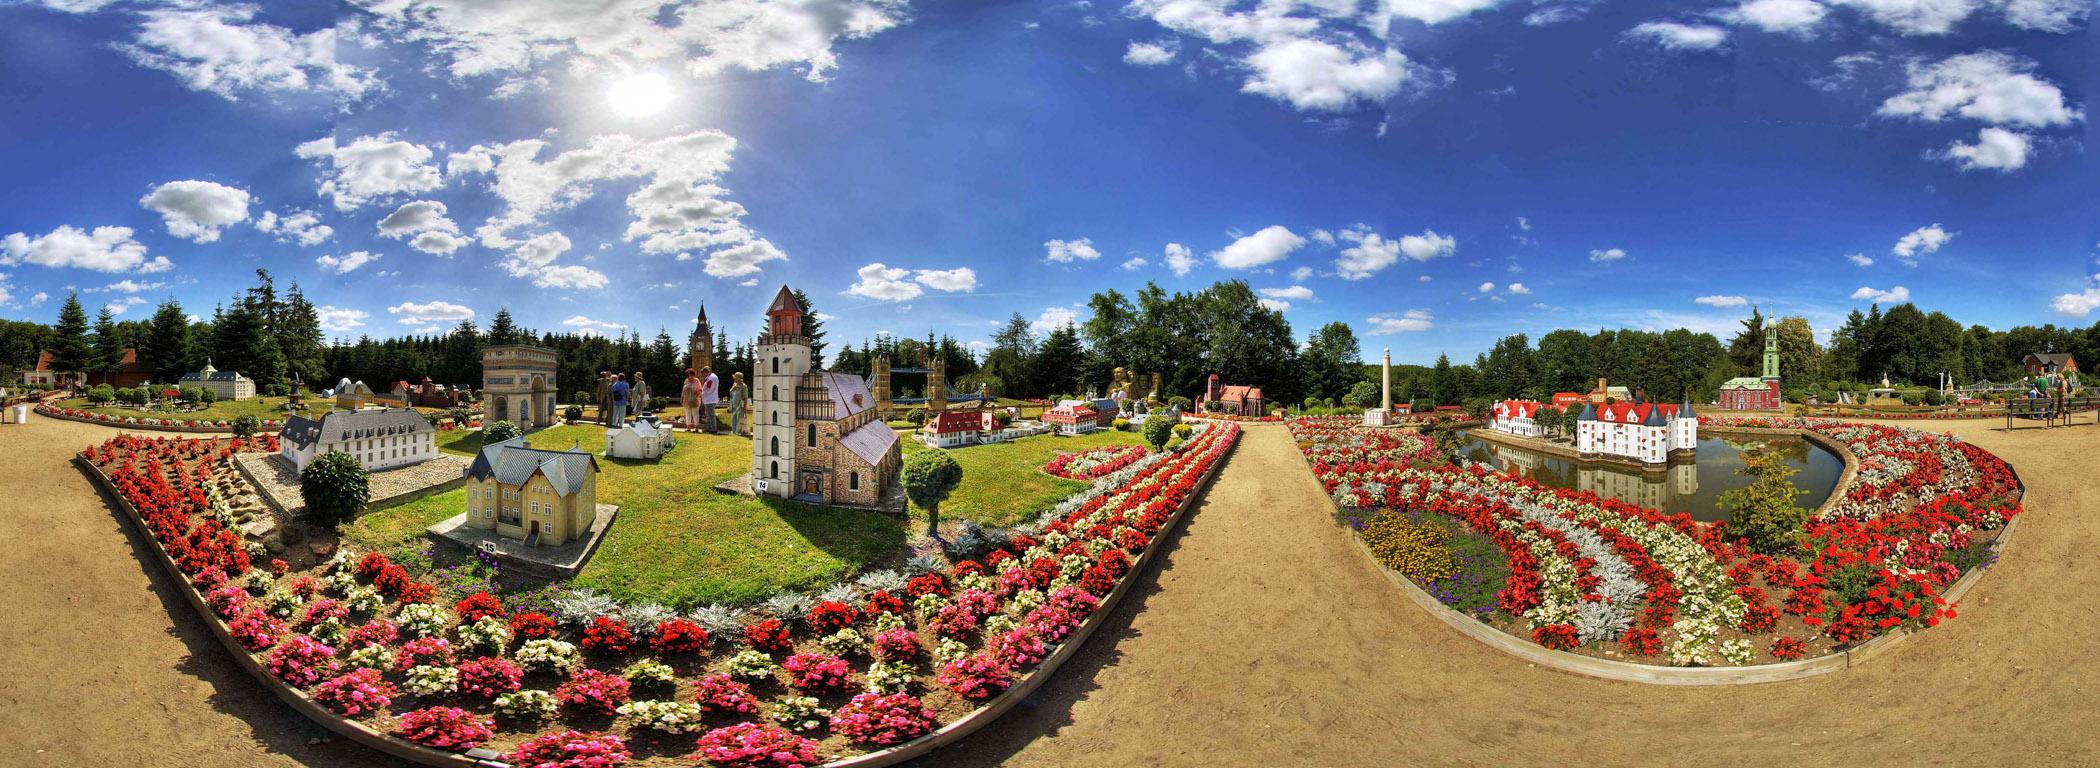 residences-miniatures-panorama-photo